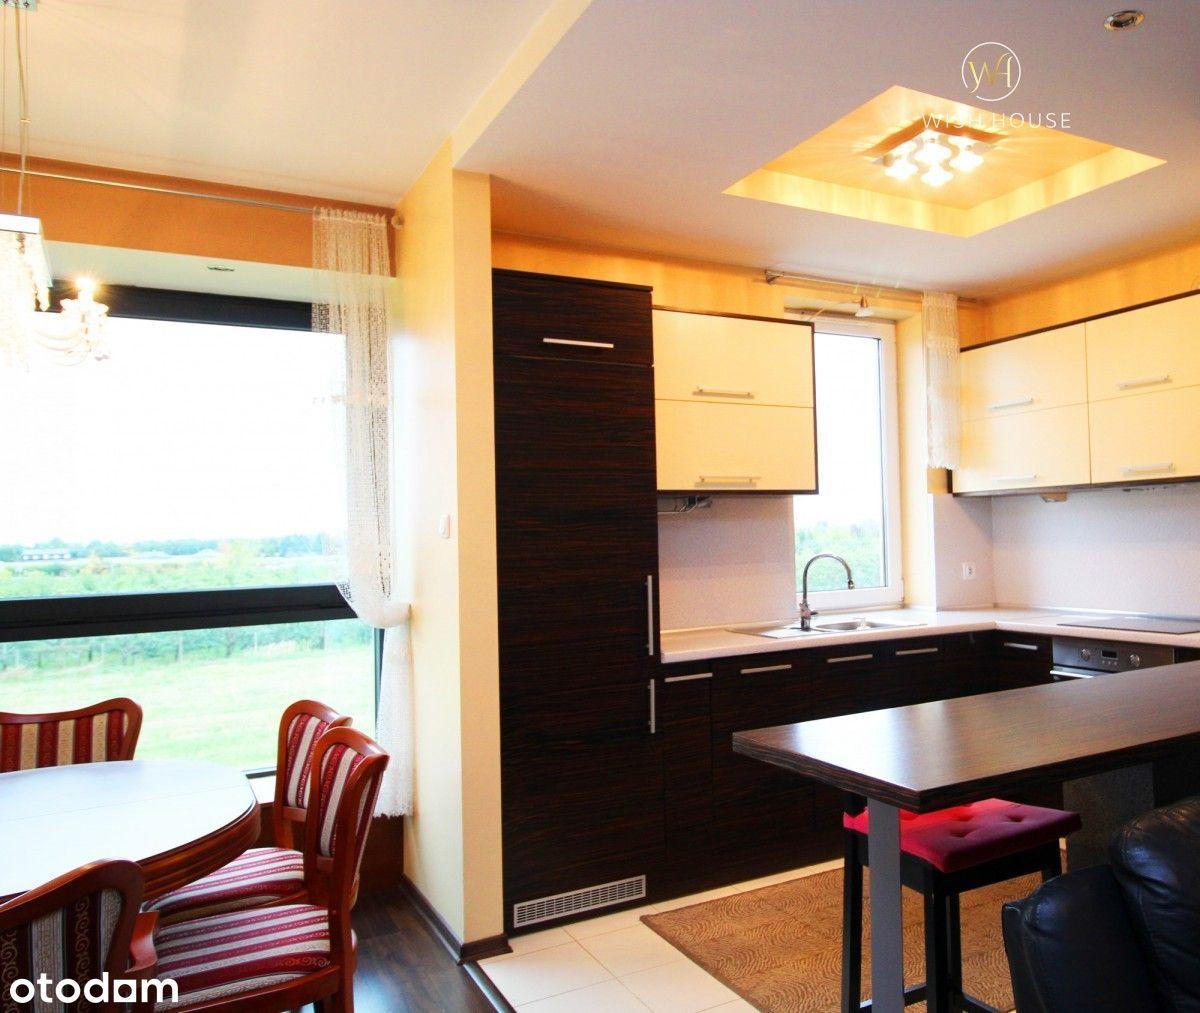 2 pokoje 60 m2 z możliwością 3 w cichej okolicy